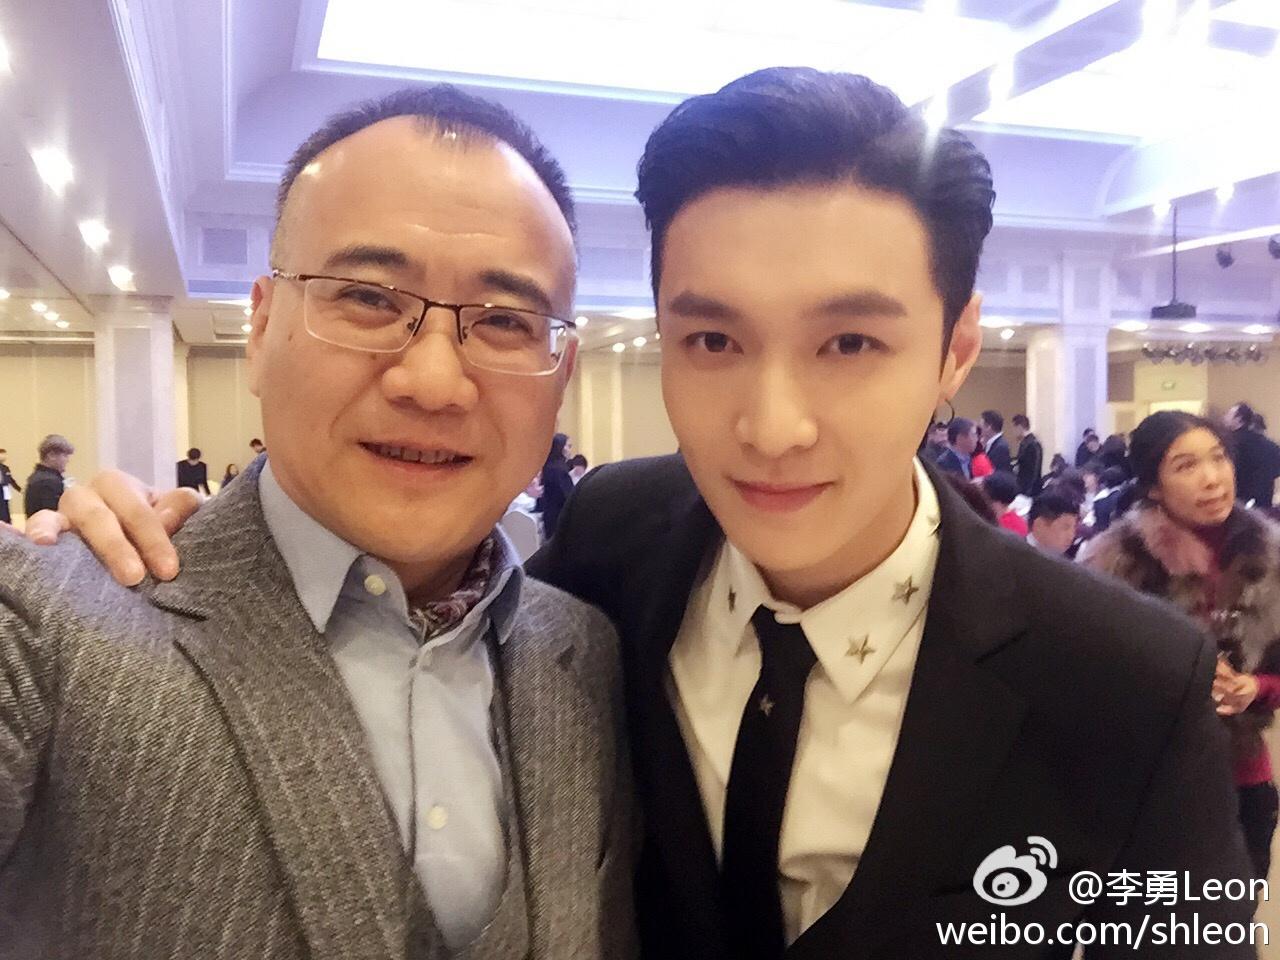 170226 李勇Leon Weibo Update with Lay